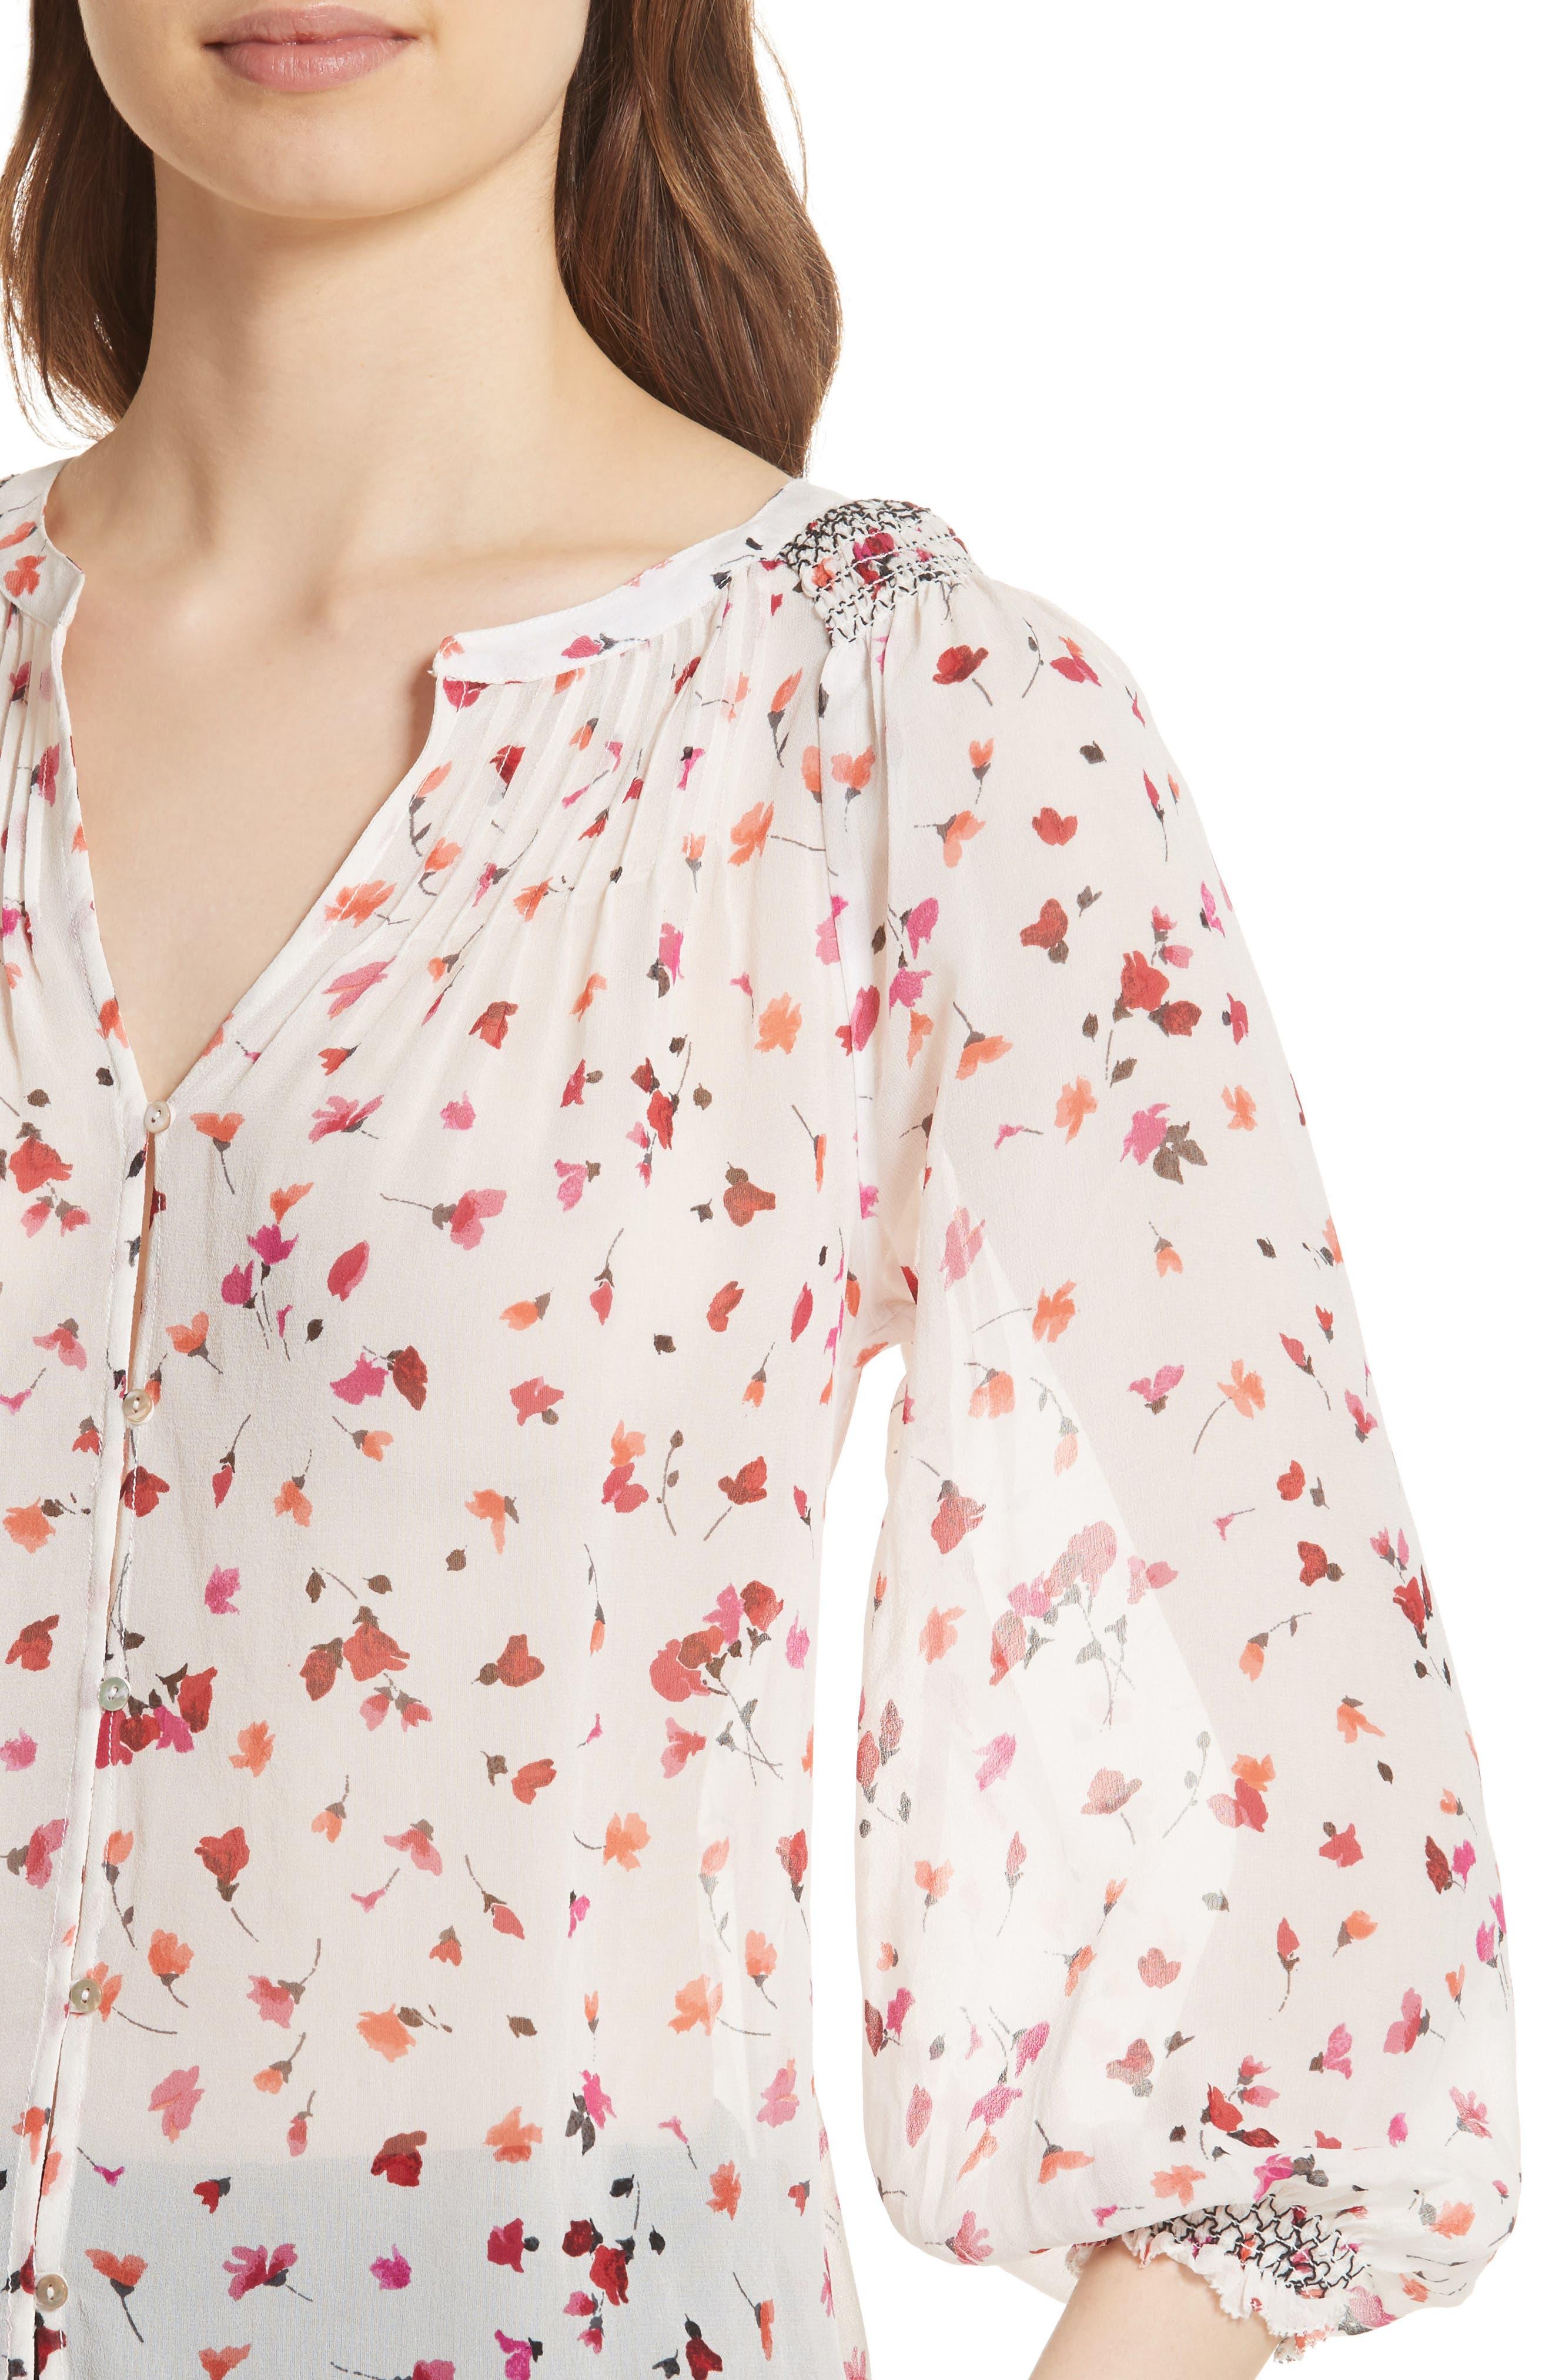 Gontilda Floral Silk Blouse,                             Alternate thumbnail 4, color,                             Porcelain